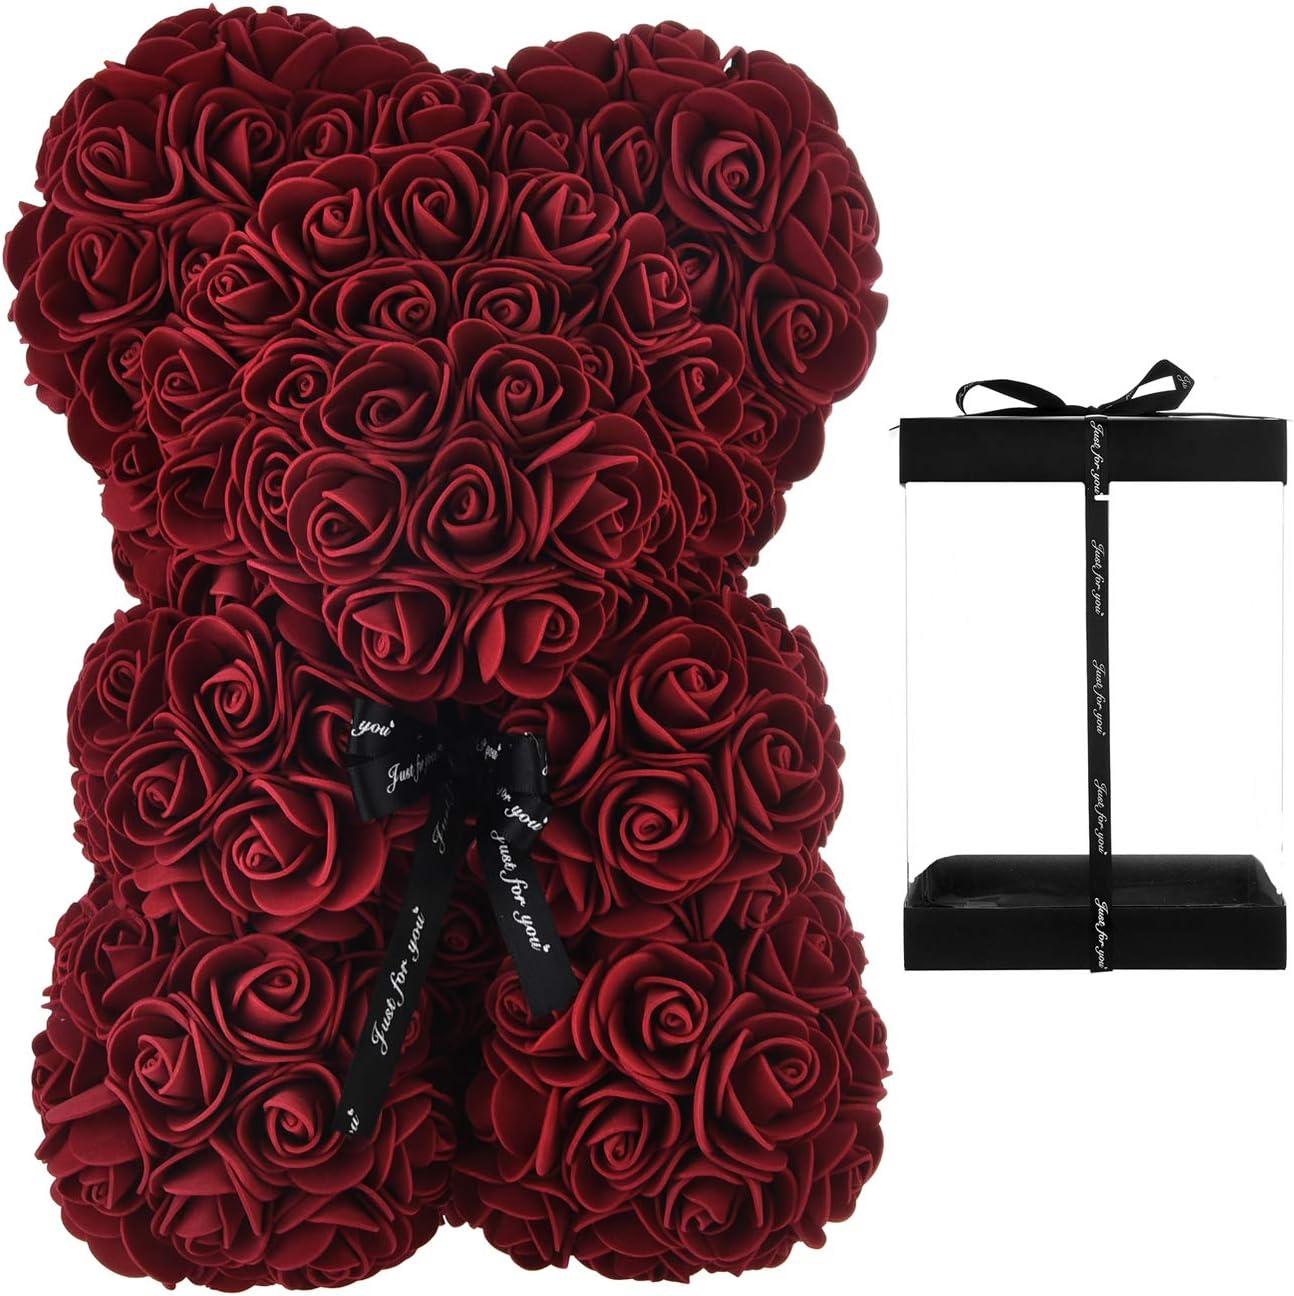 Rose Teddy Bear 10 inch